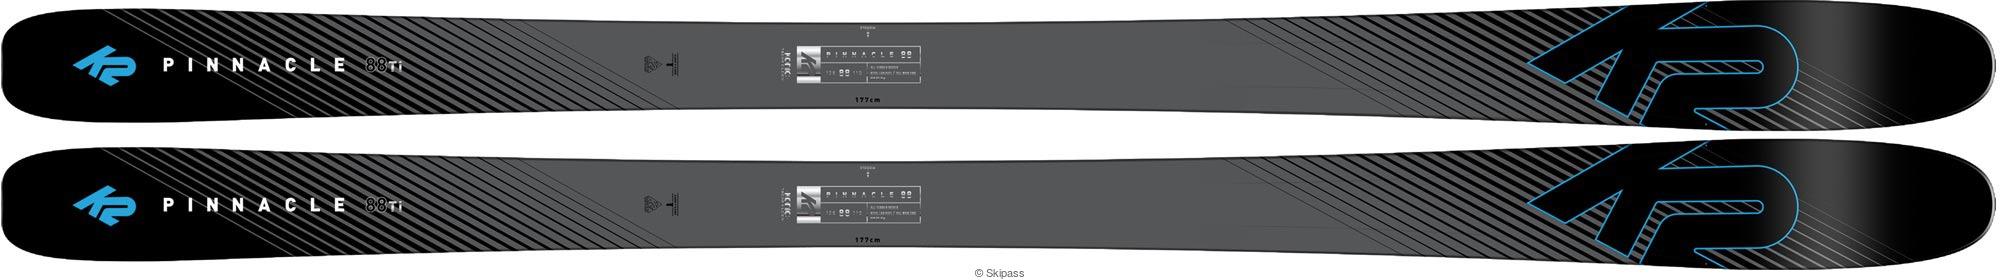 K2 - Pinnacle 88 TI